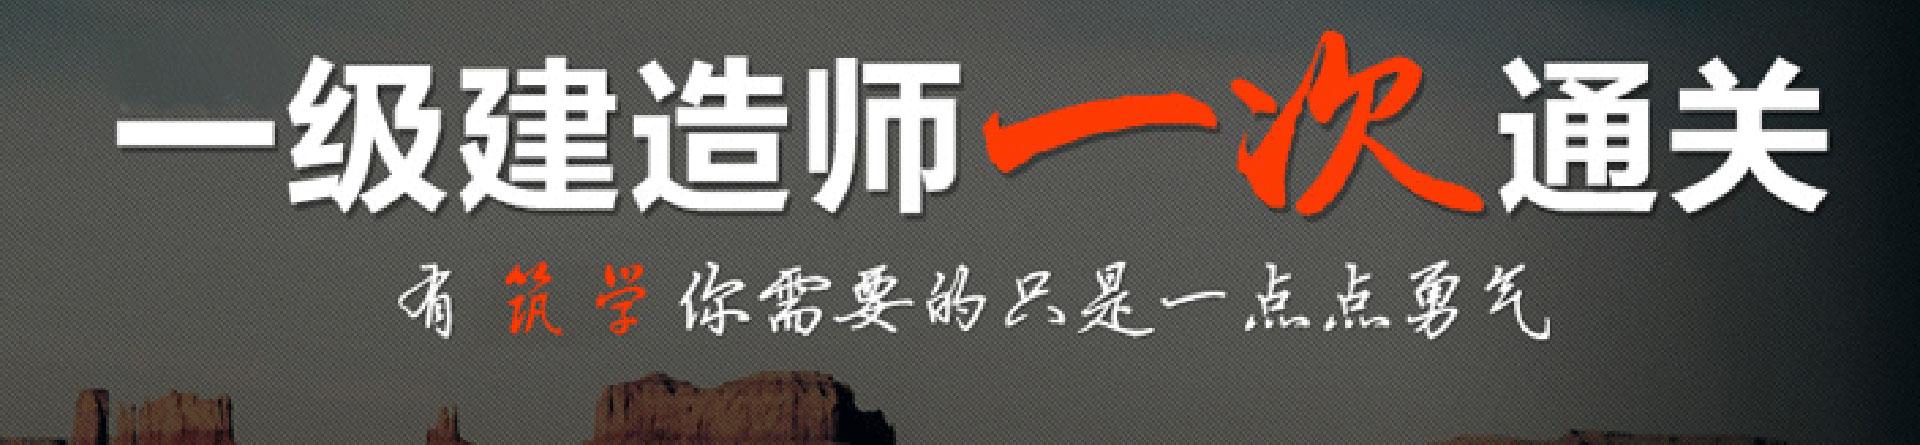 郑州筑学教育